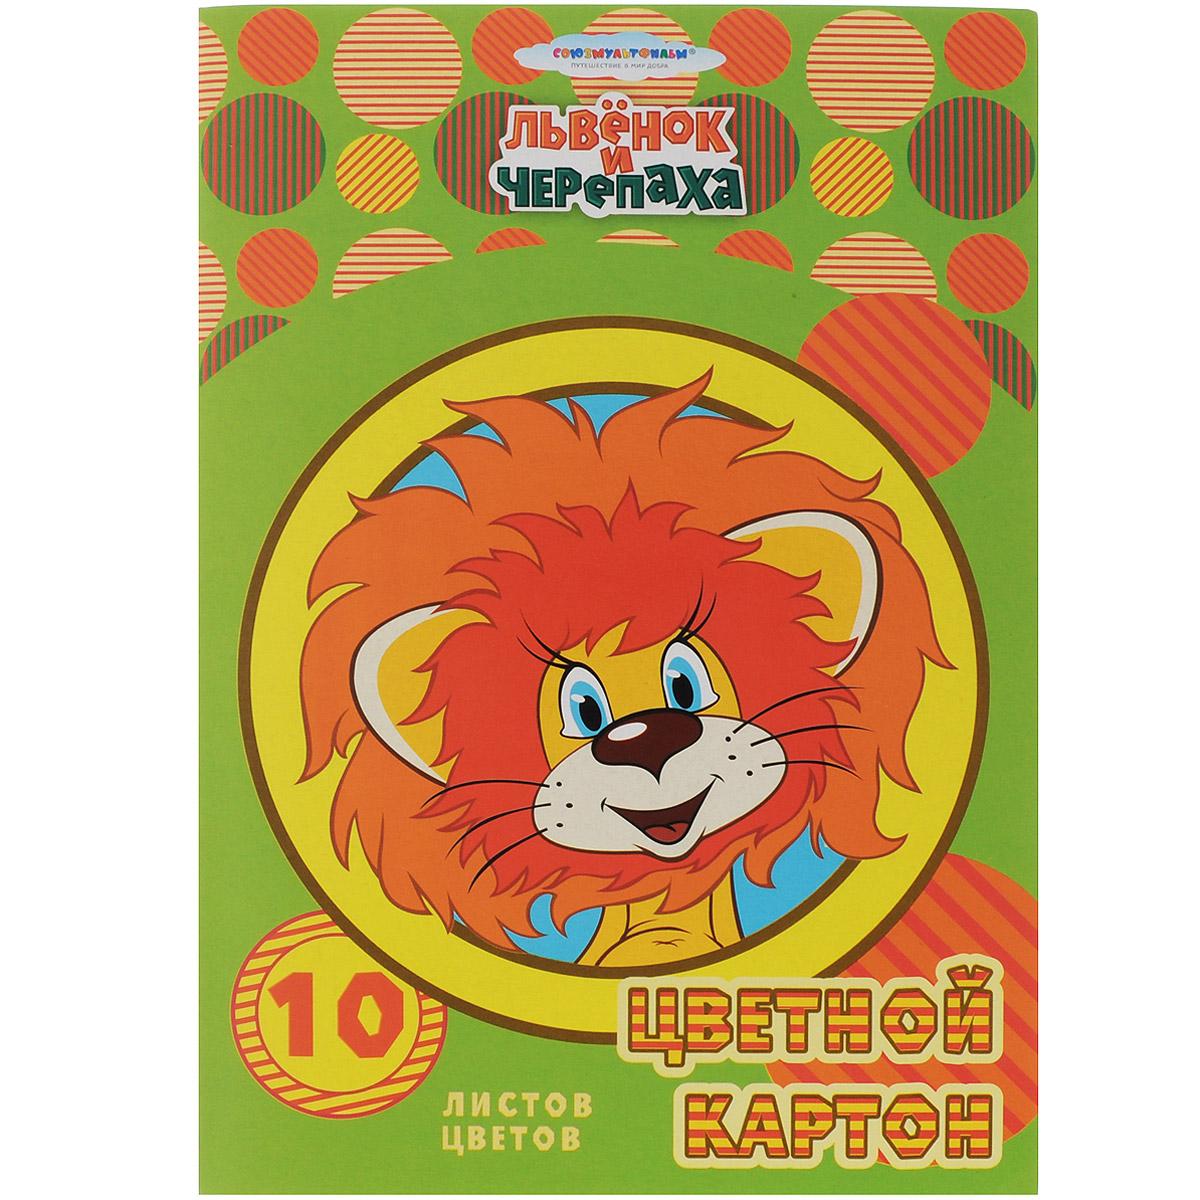 Цветной картон Союзмультфильм Львенок и Черепаха, 10 цветов25515Цветной картон Союзмультфильм Львенок и черепаха идеально подойдет для творческих занятий в детском саду, школе или дома. Картон упакован в яркую картонную папку, оформленную рисунком с изображением львенка. Упаковка содержит десять листов картона разных цветов: оранжевый, зеленый, желтый, черный, синий, фиолетовый, красный, коричневый, золотой и серебряный. Создание поделок и аппликаций из картона - это увлекательный досуг, который позволяет ребенку развивать свои творческие способности. Рекомендуемый возраст: от 3 лет.